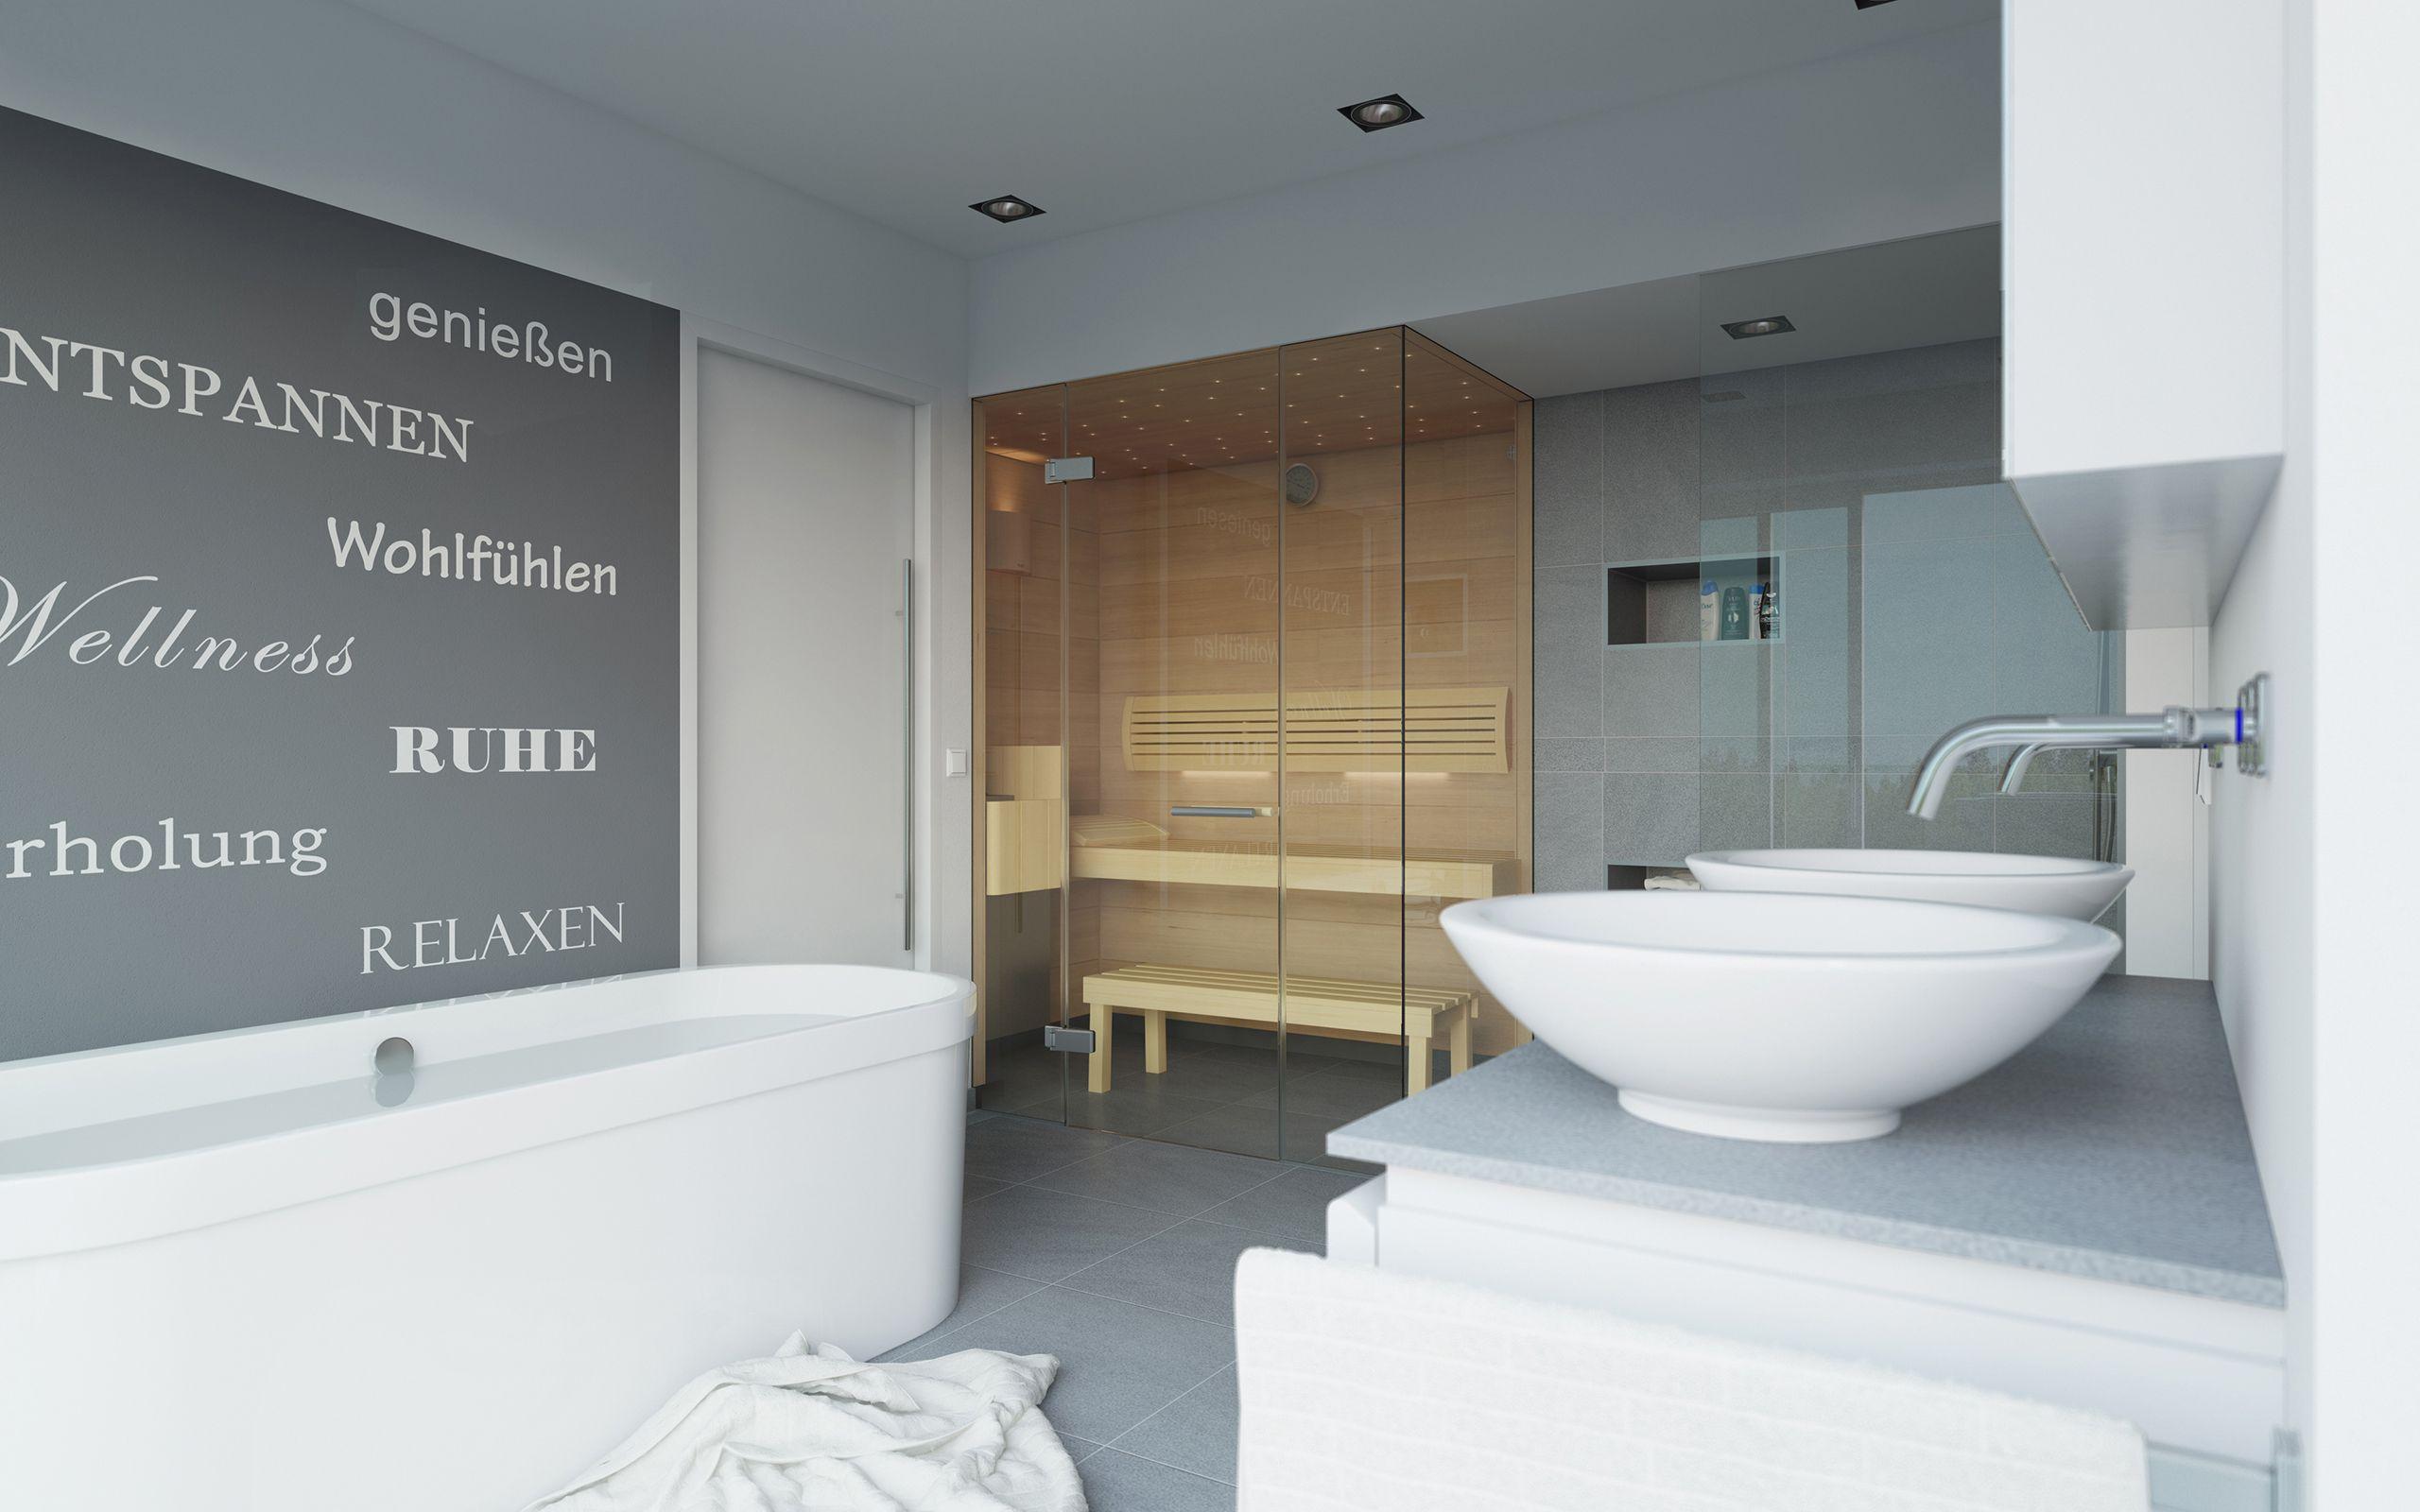 sauna im badezimmer - Google-Suche   home sauna   Pinterest ...